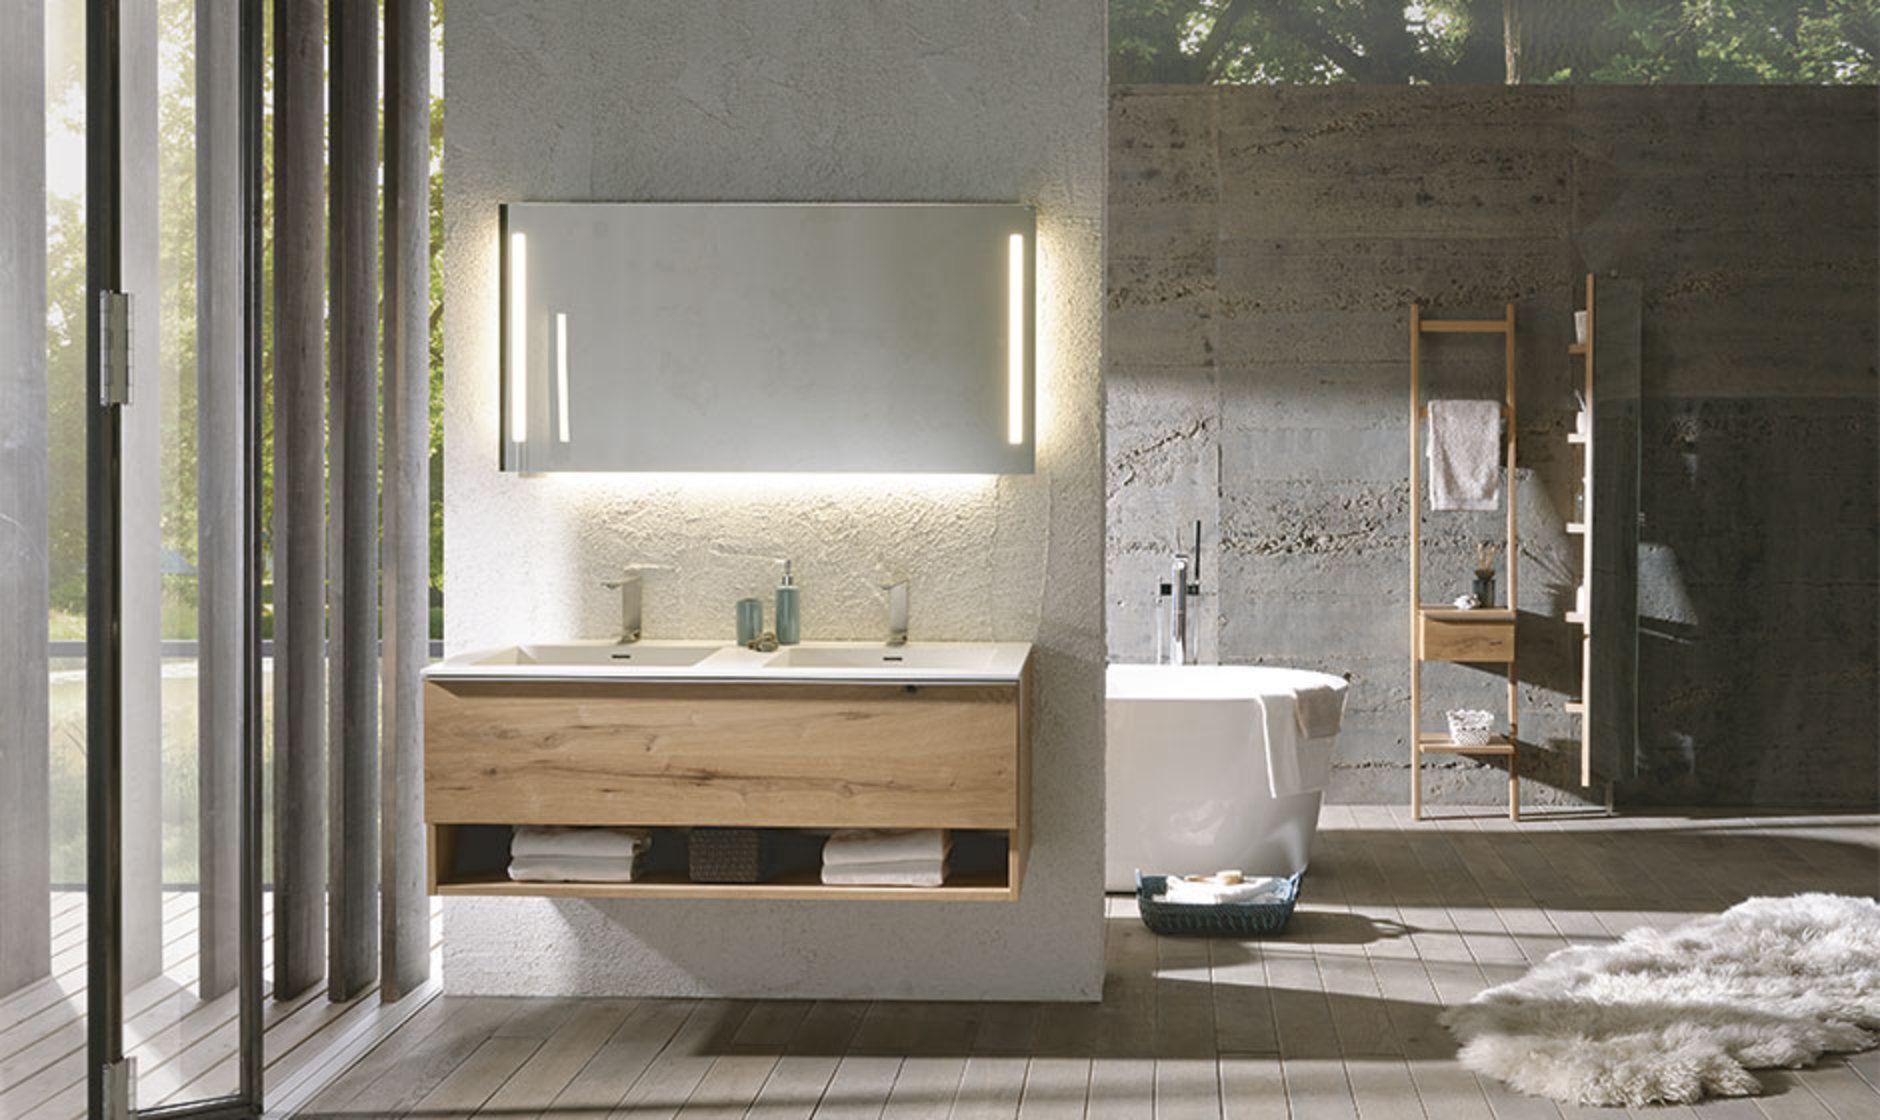 Design Badezimmermöbel ~ V alpin badezimmermöbel von voglauer badmöbel pinterest